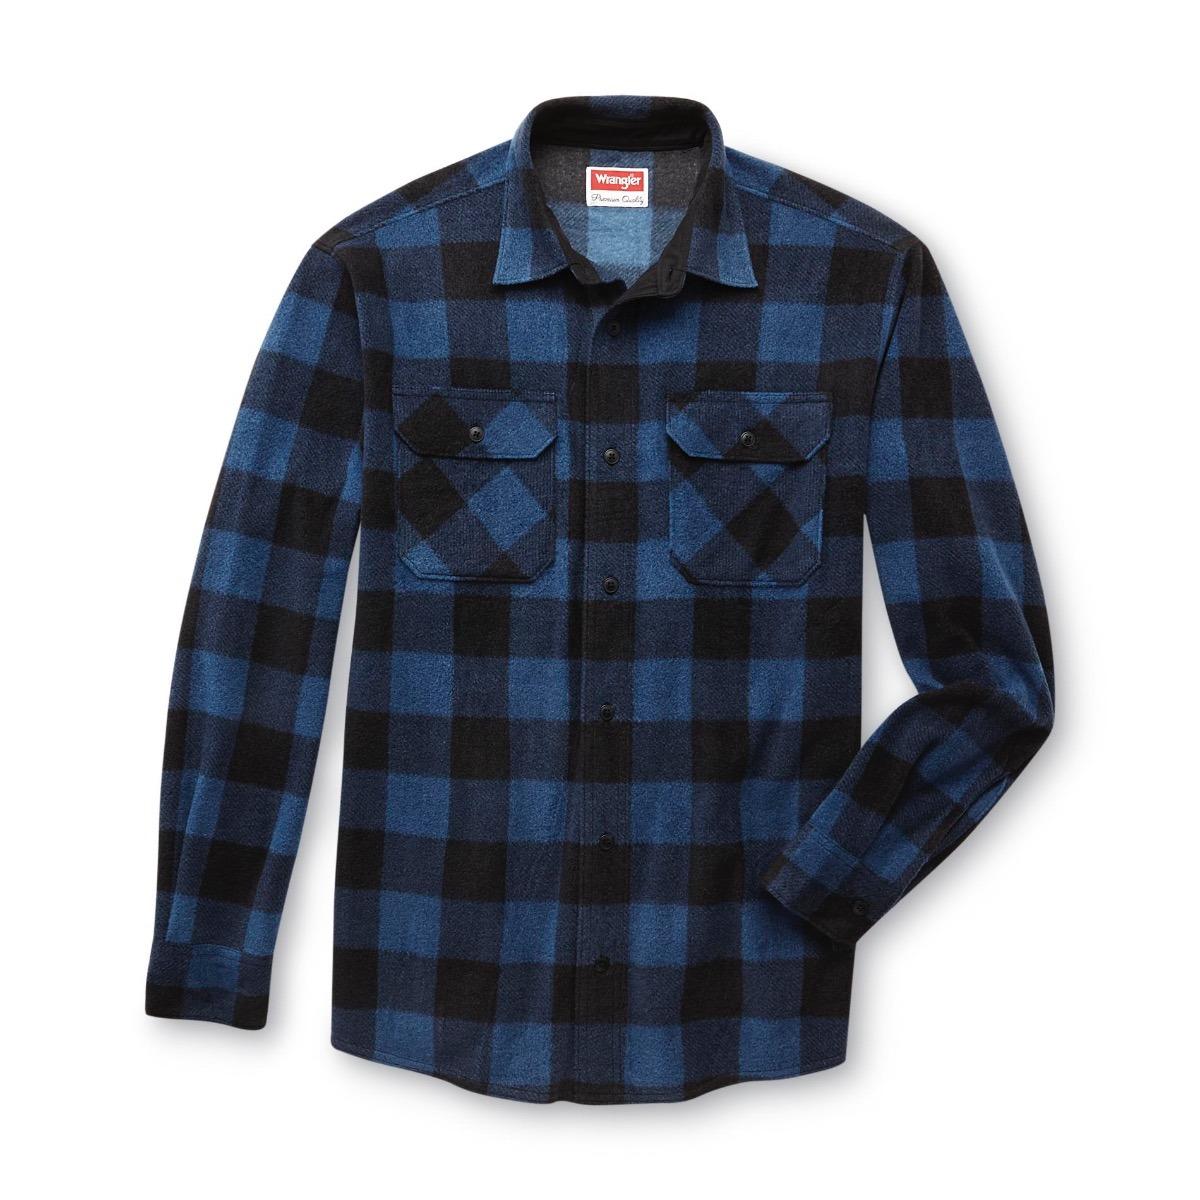 Hombres camisa 2017 primavera nueva marca de hombres de